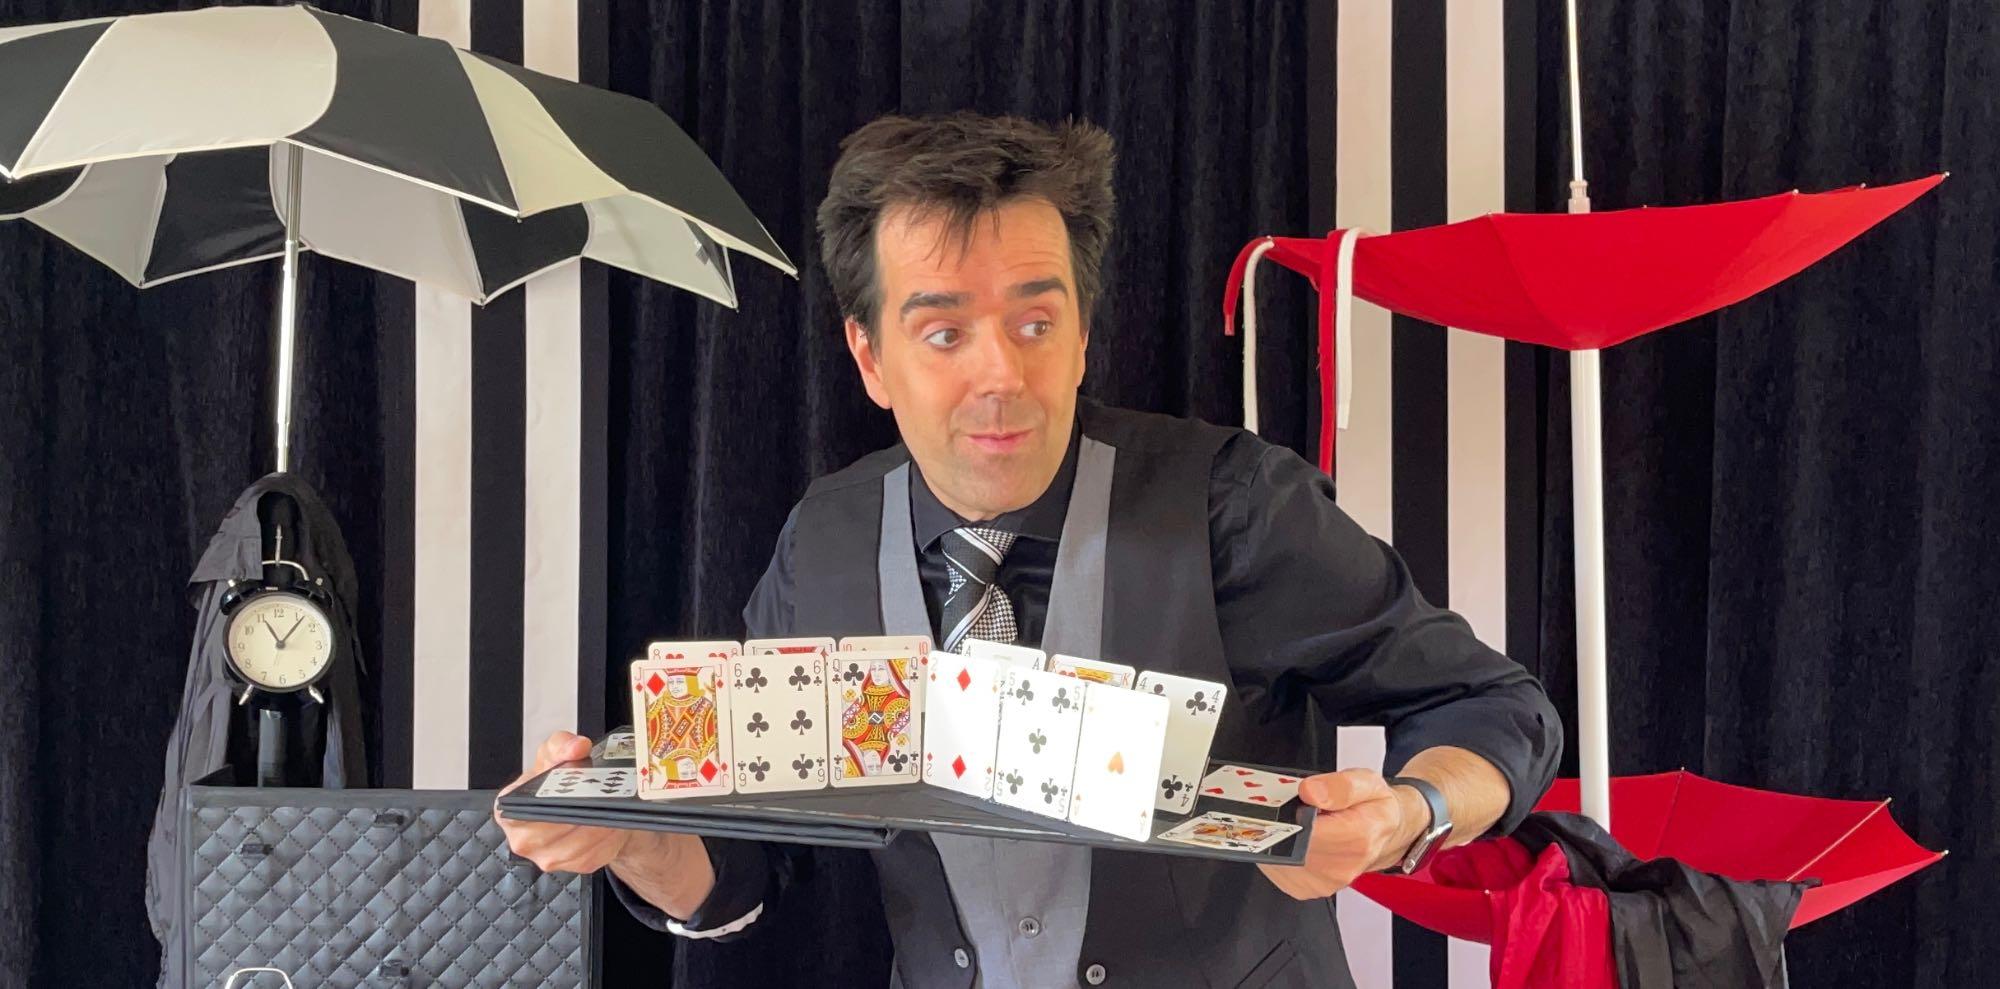 spectacle magie et d'illusions d'optiques sur amiens, Paris, Lille, Rouen, Reims, Beauvais.